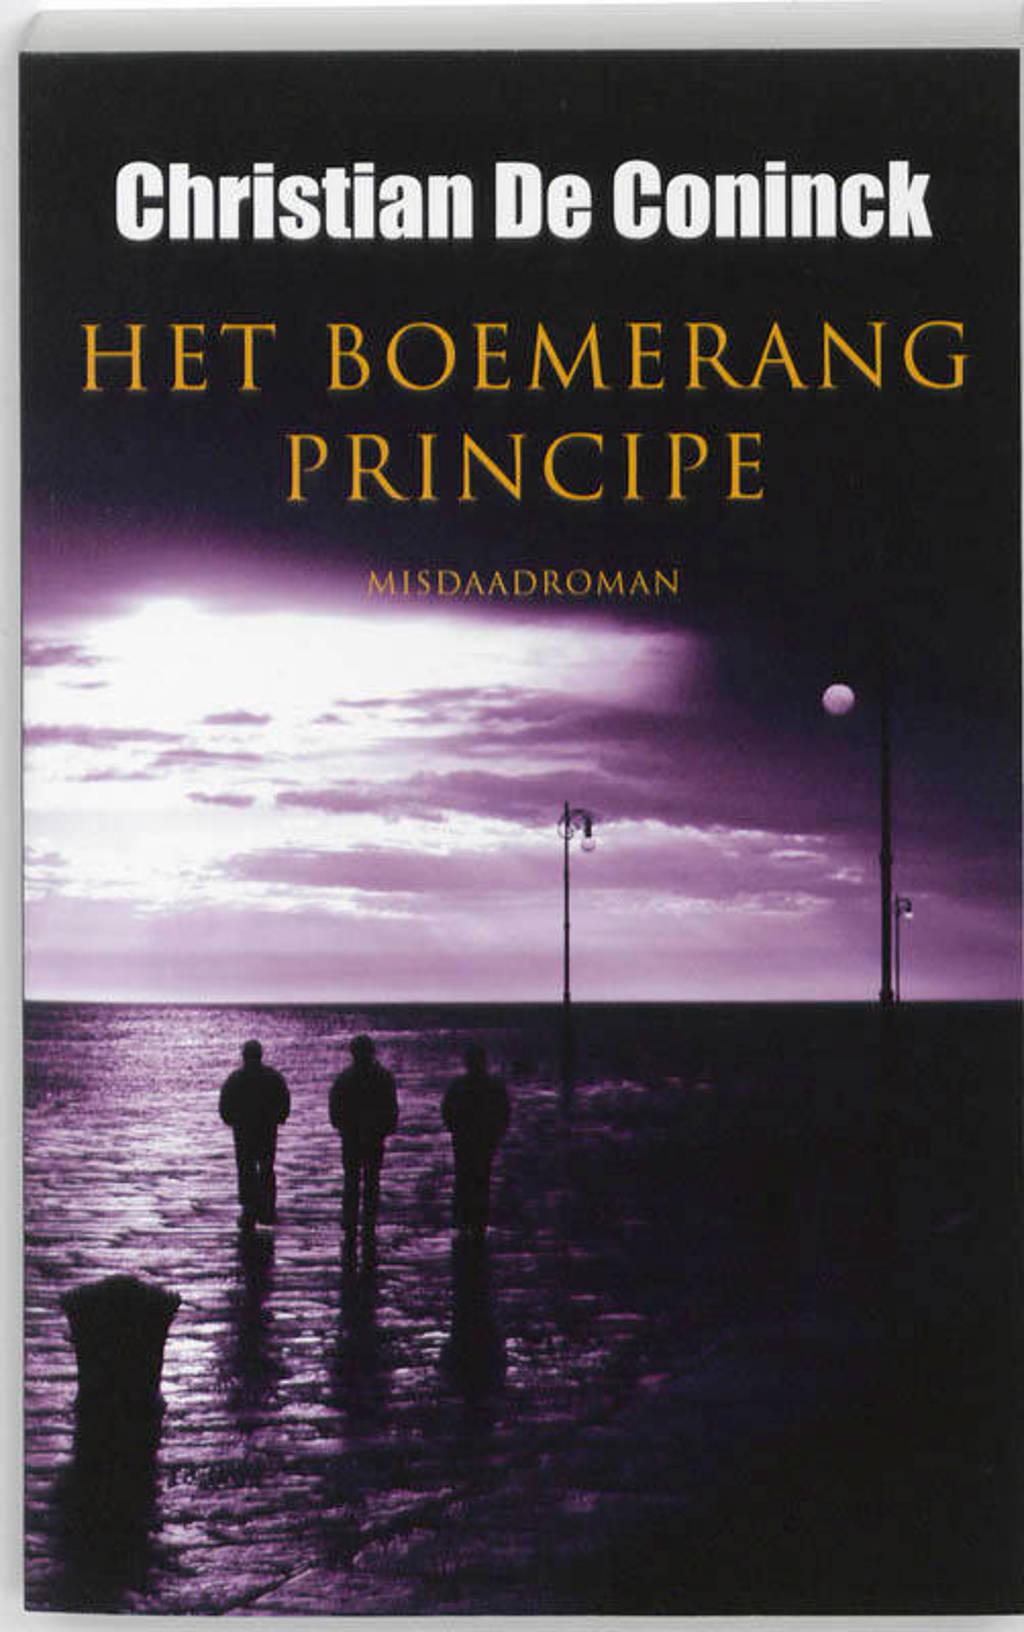 Het boemerangprincipe - Christian De Coninck